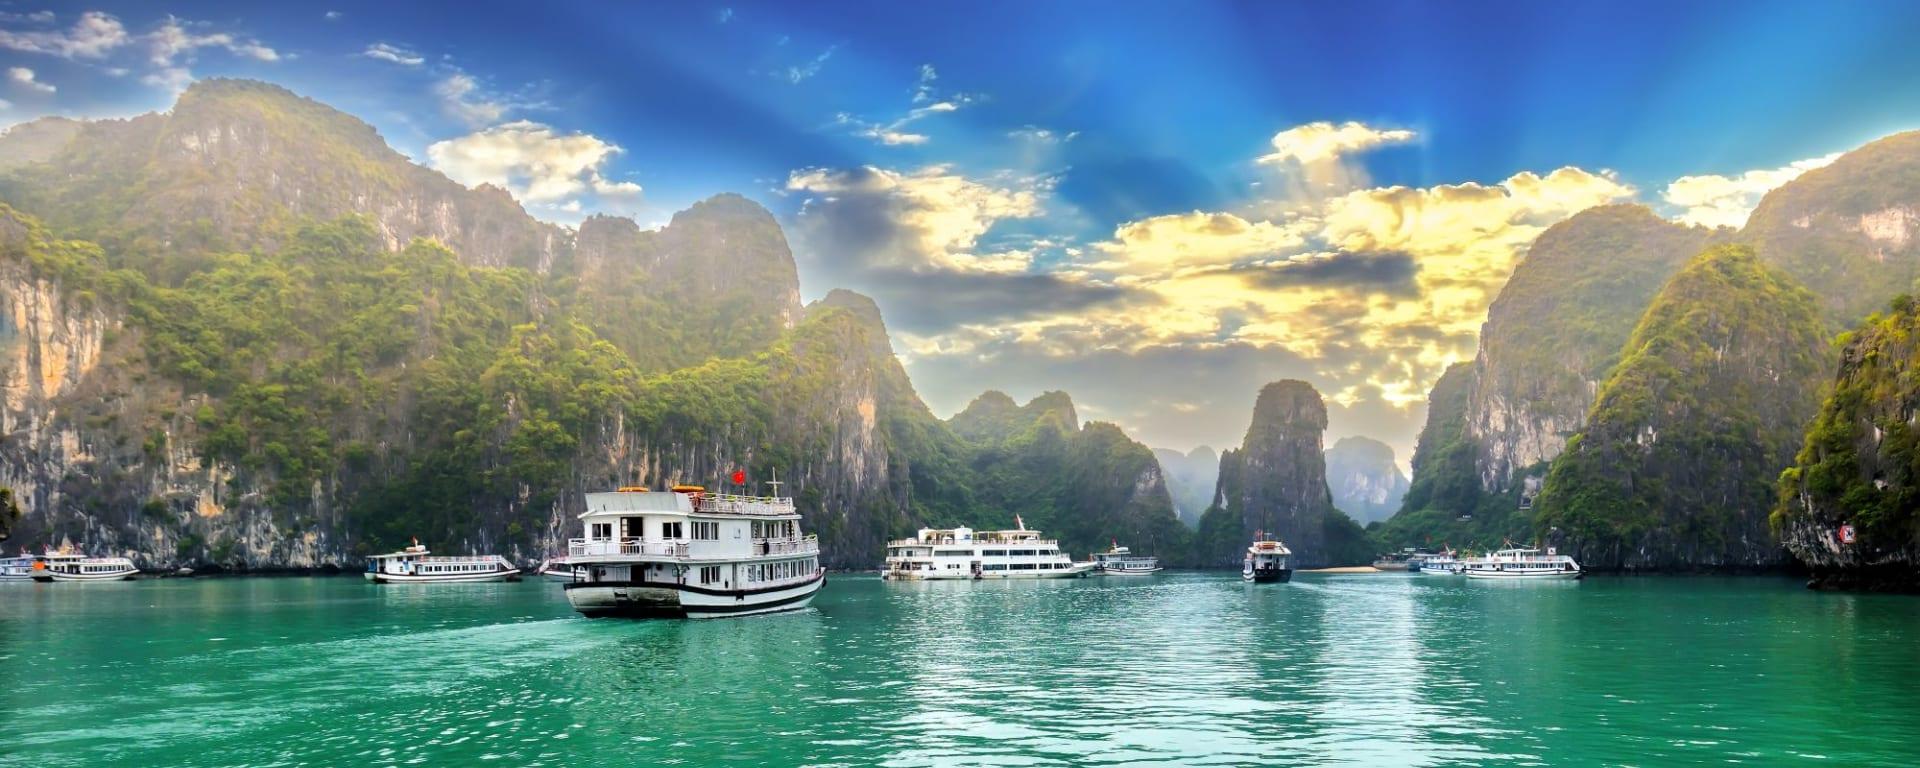 Les hauts lieux du Vietnam de Hanoi: Halong Bay